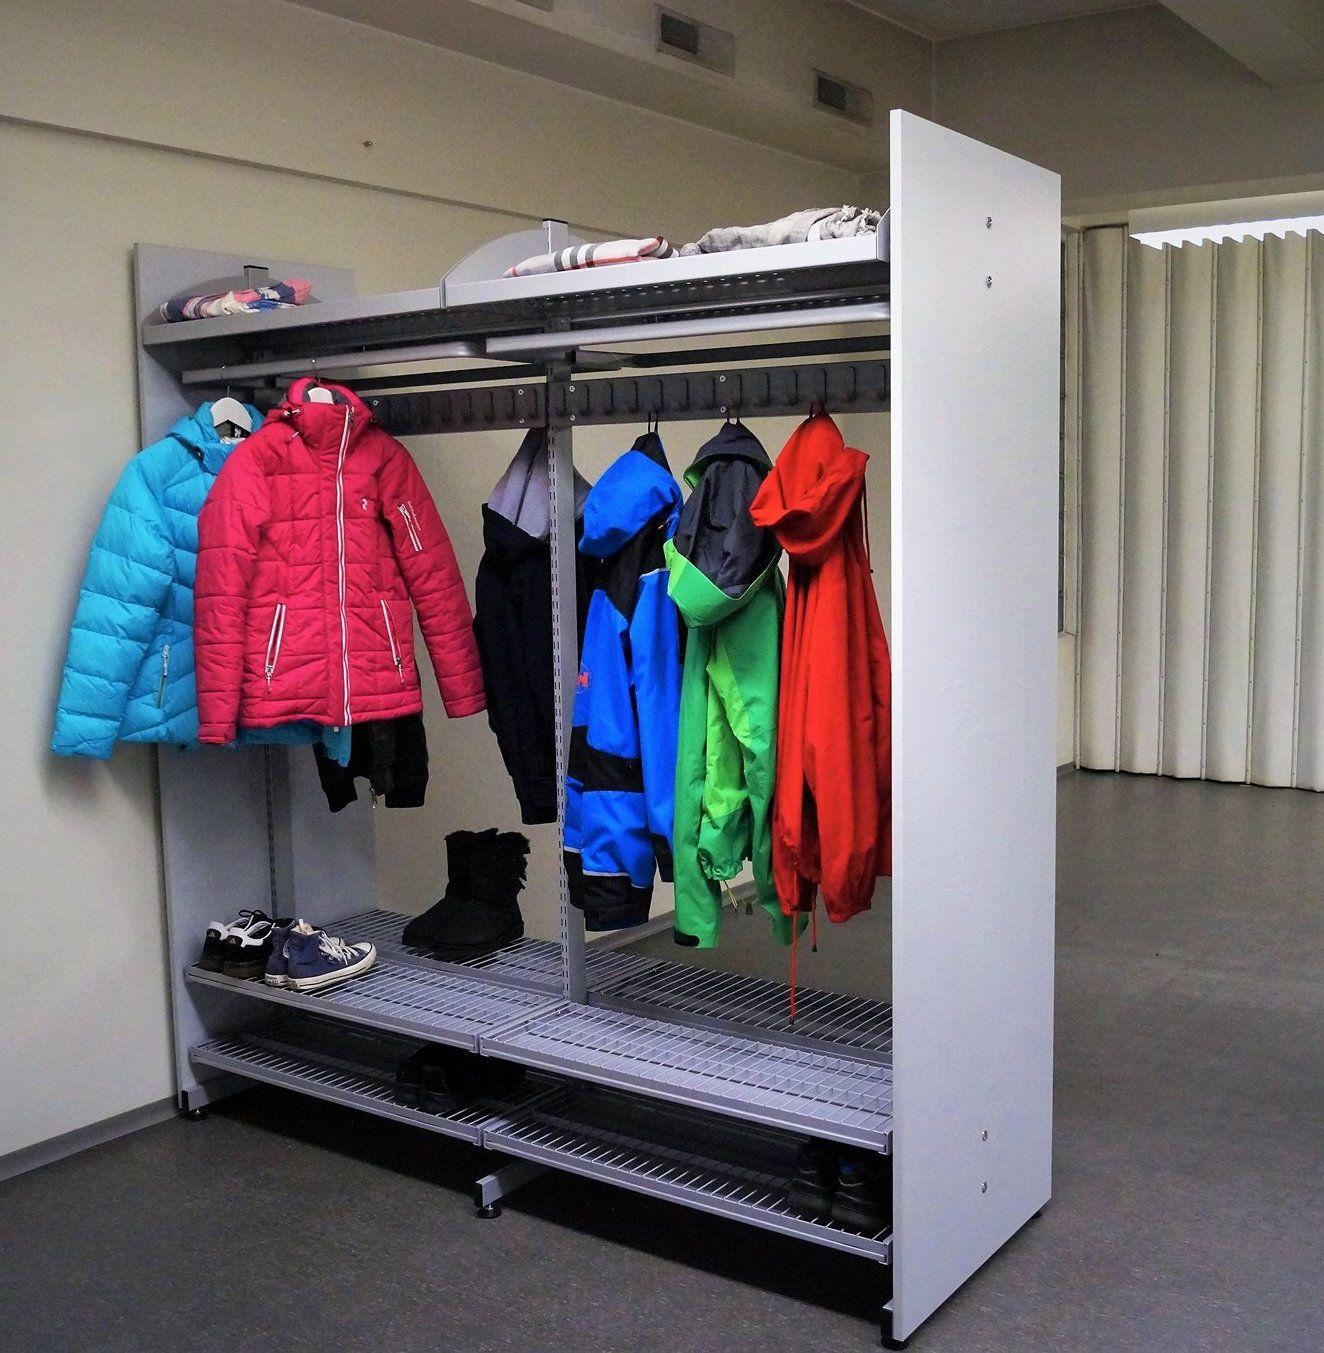 Kaksipuoleinen järjestelmänaulakko on täysin muunneltavissa tilan ja tarpeen mukaan. Säilytys ei ole koskaan ollut näin tehokasta! www.jamito.fi #naulakko #koulunaulakko #stand #storage